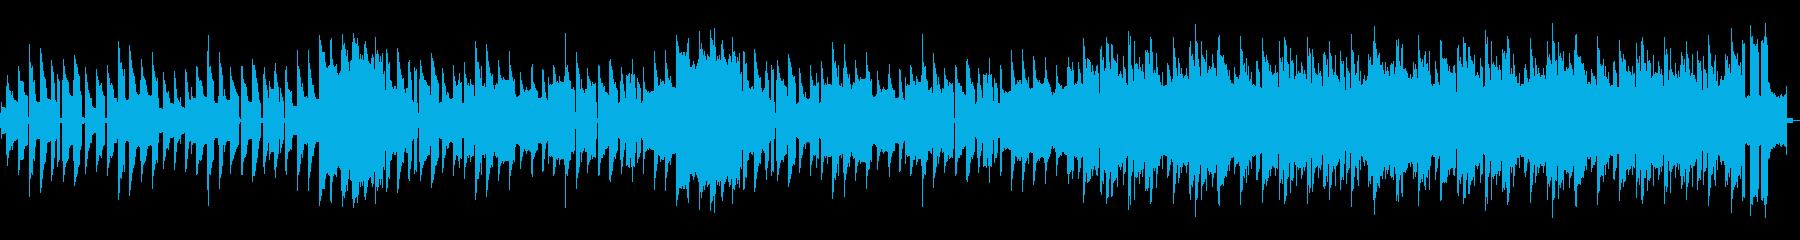 (ドラム無)かわいい、ほのぼの、元気の再生済みの波形